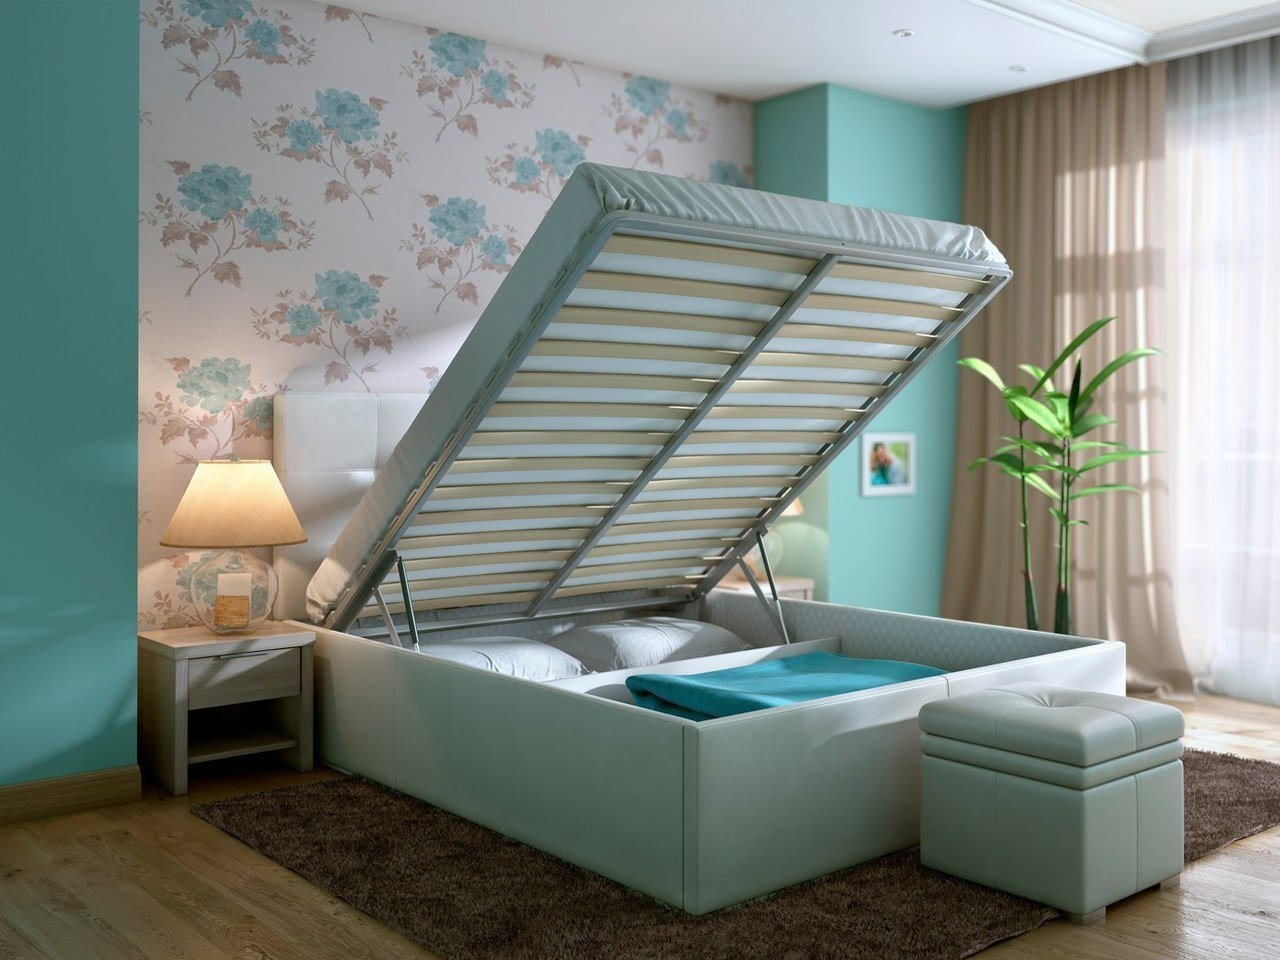 Кровать обшита тканью, по цвету повторяющую обои на стенах помещения